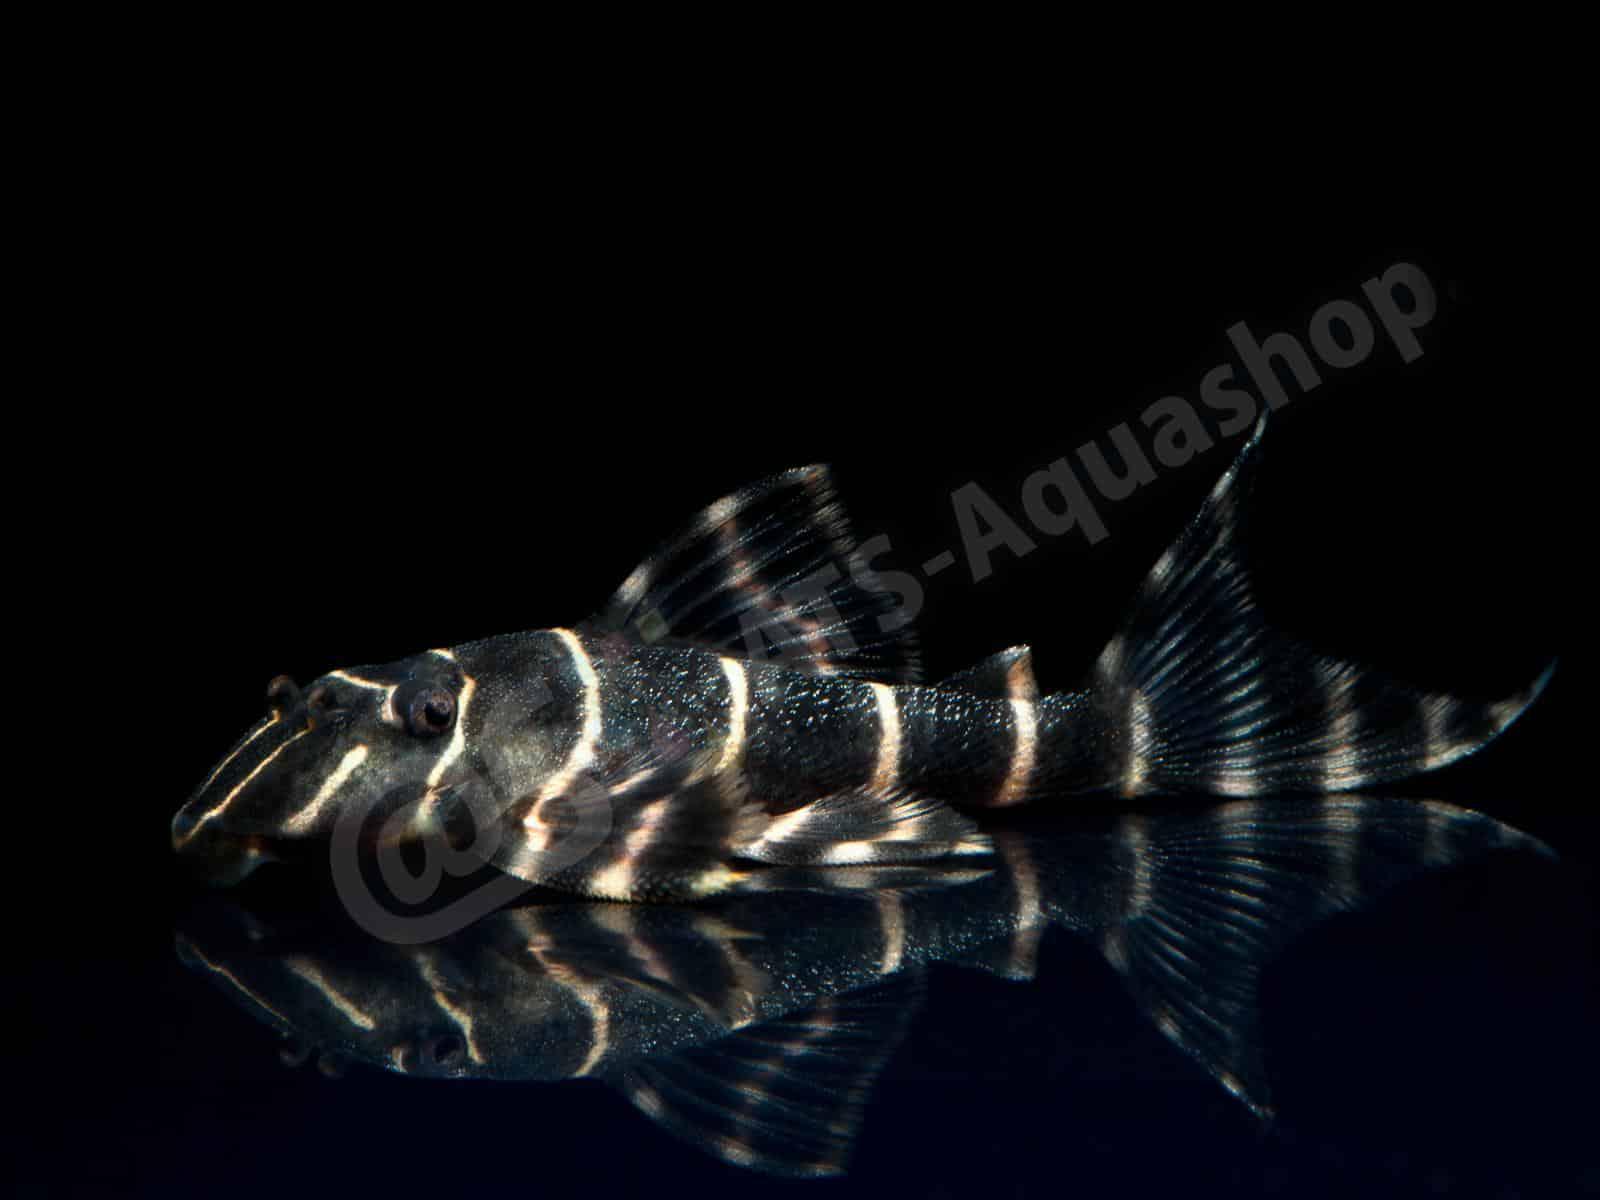 panaqolus albivermis l 204 enrico richter 0226 7